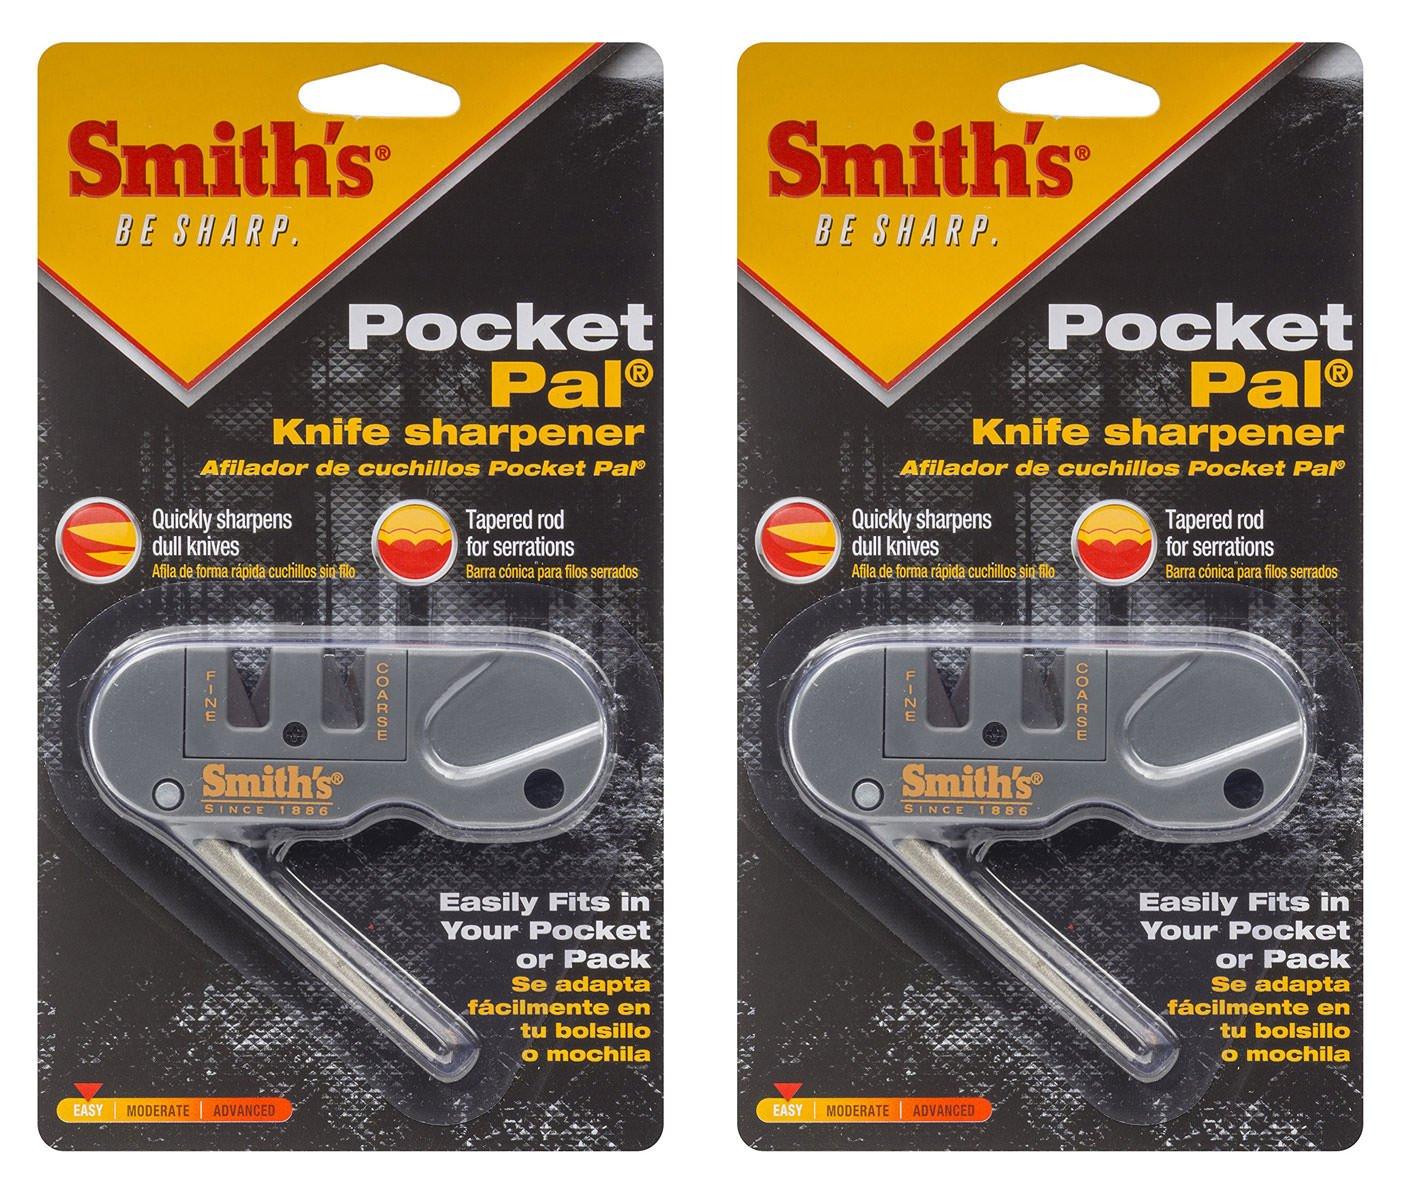 Smiths PP1 Pocket Pal Multifunction Sharpener, Grey, 2 Pack